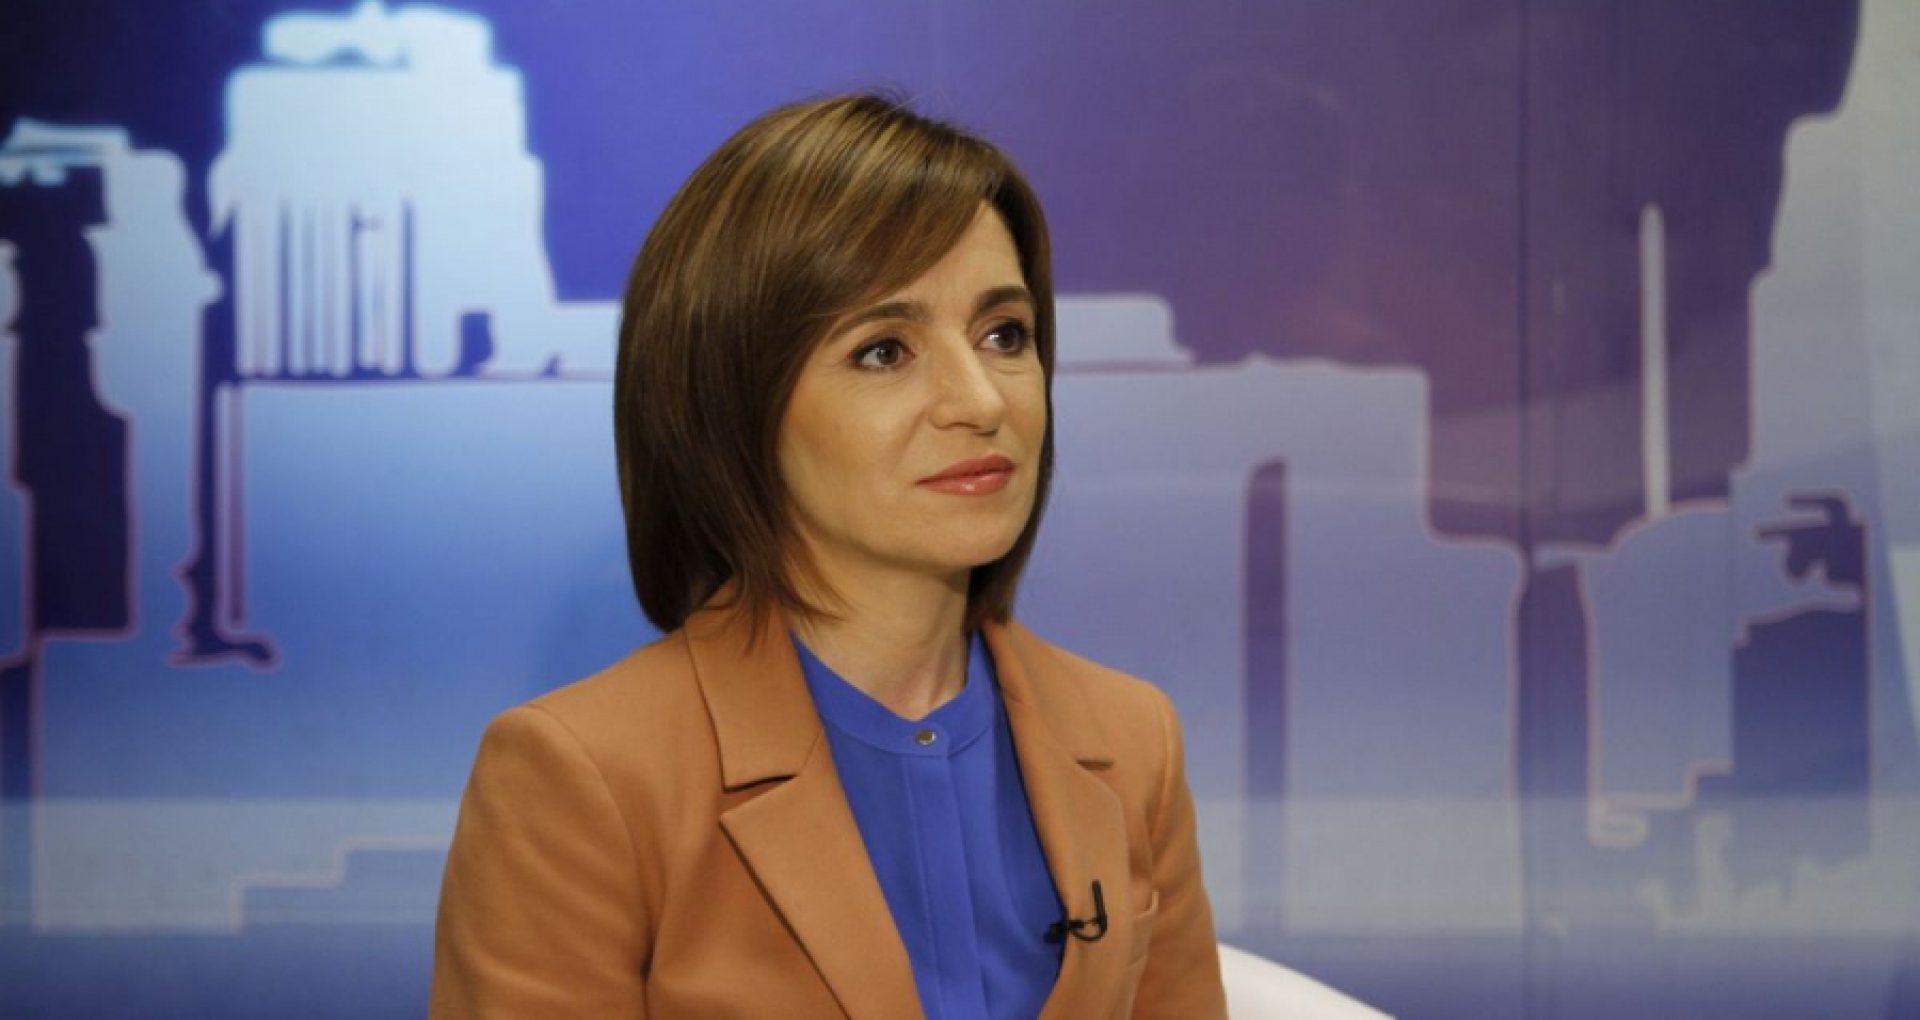 Mesajul Maiei Sandu, după ce a renunțat la calitatea de membru de partid și la funcția de președinte al formațiunii PAS: M-ați învățat o lecție importantă – politica este așa cum o fac oamenii